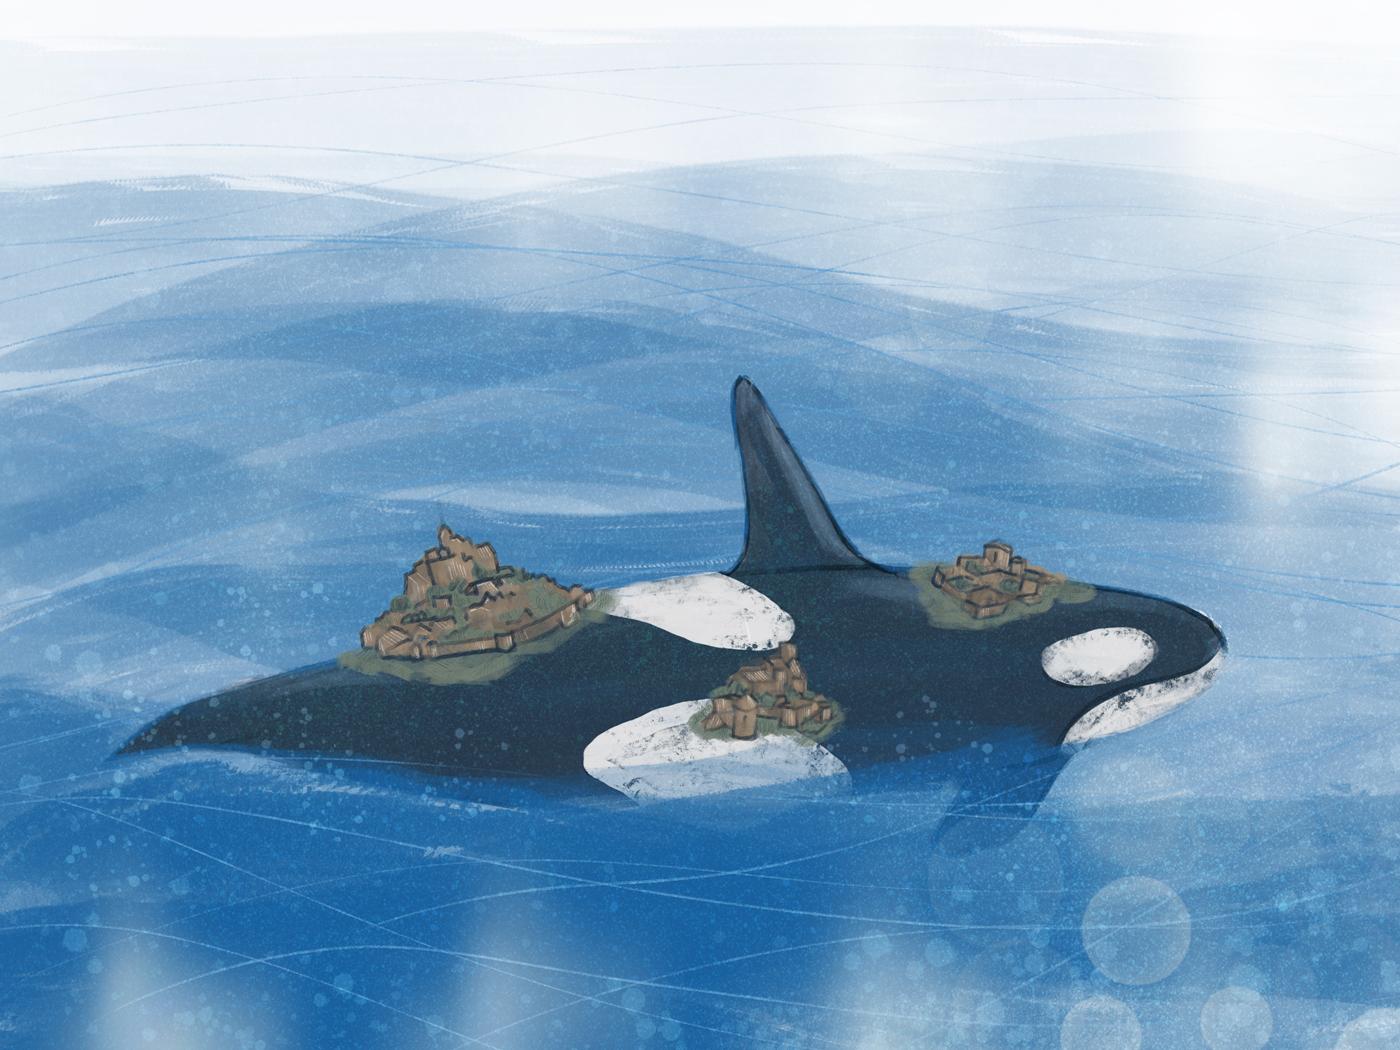 Orque dans l'océan, avec des villes sur le dos